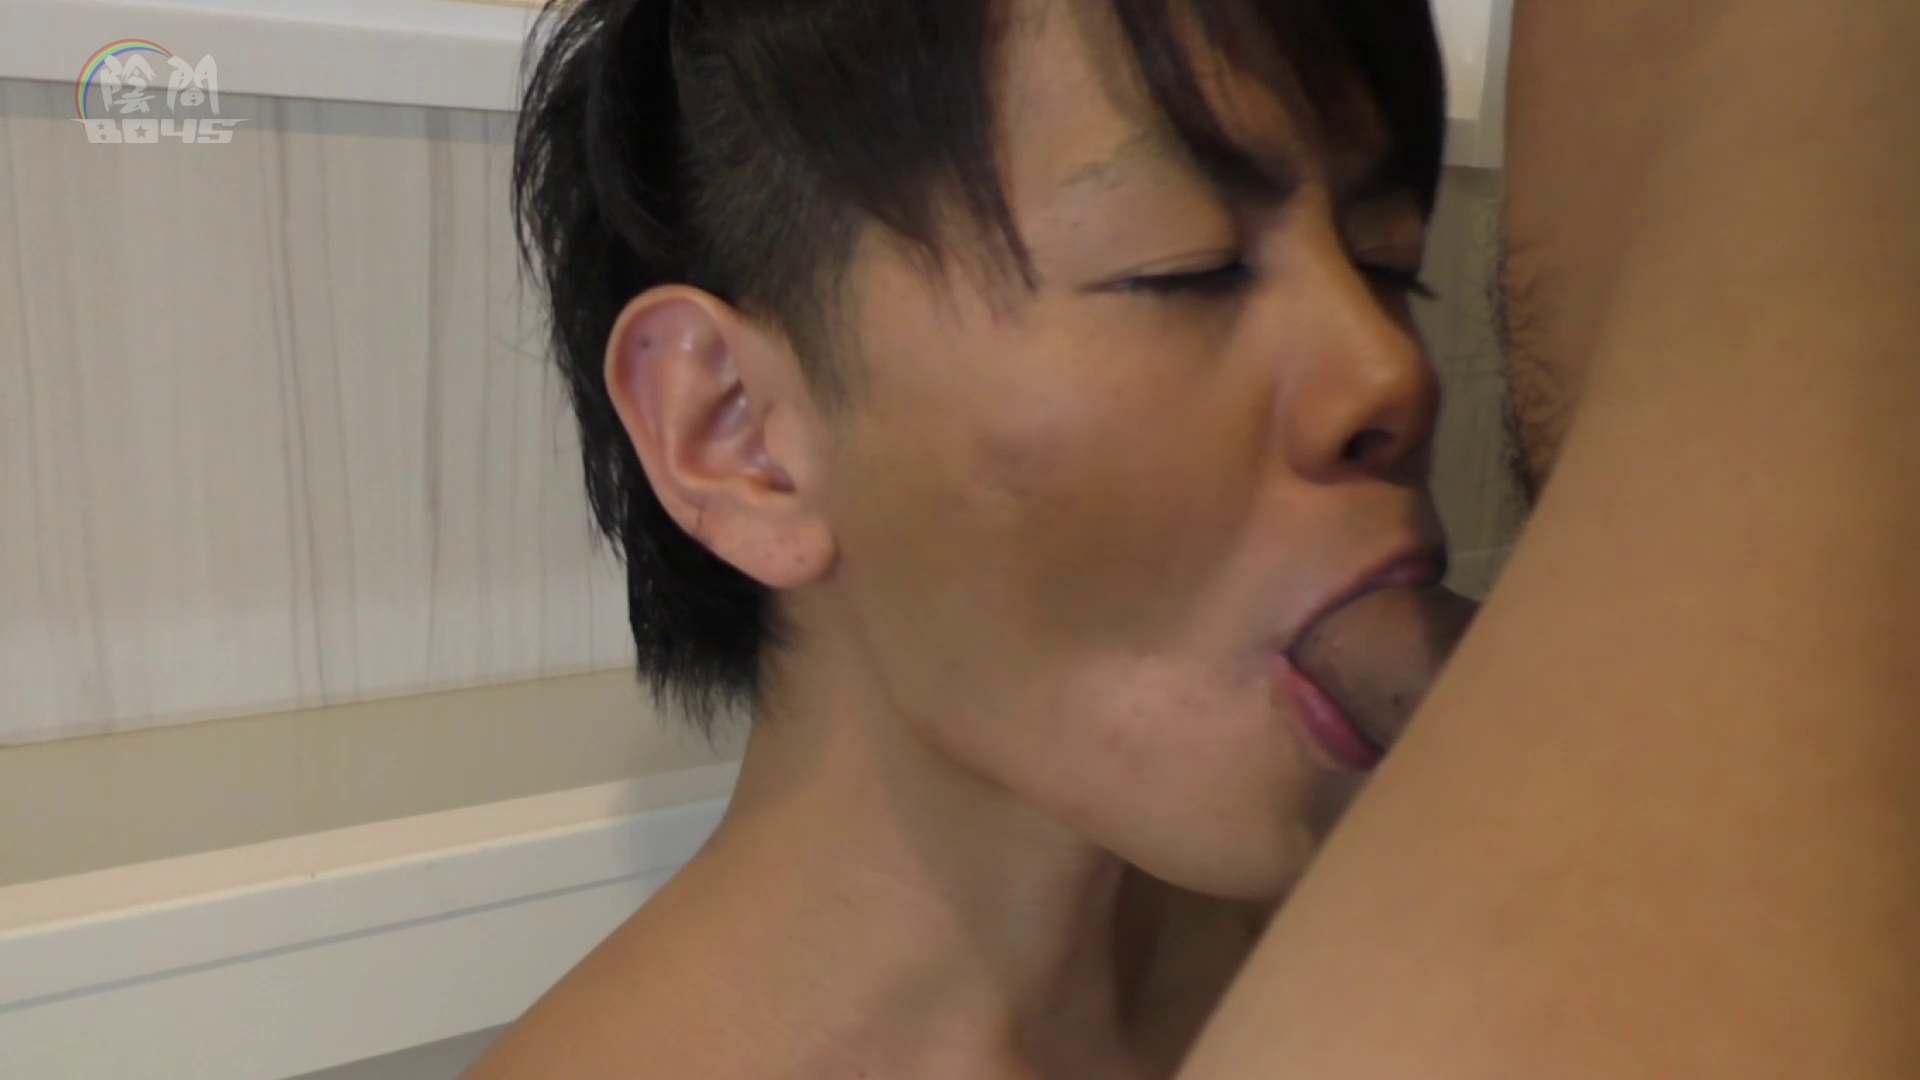 キャバクラの仕事はアナルから6  ~アナルの囁き~Vol.01 風呂天国 ゲイ丸見え画像 84枚 24